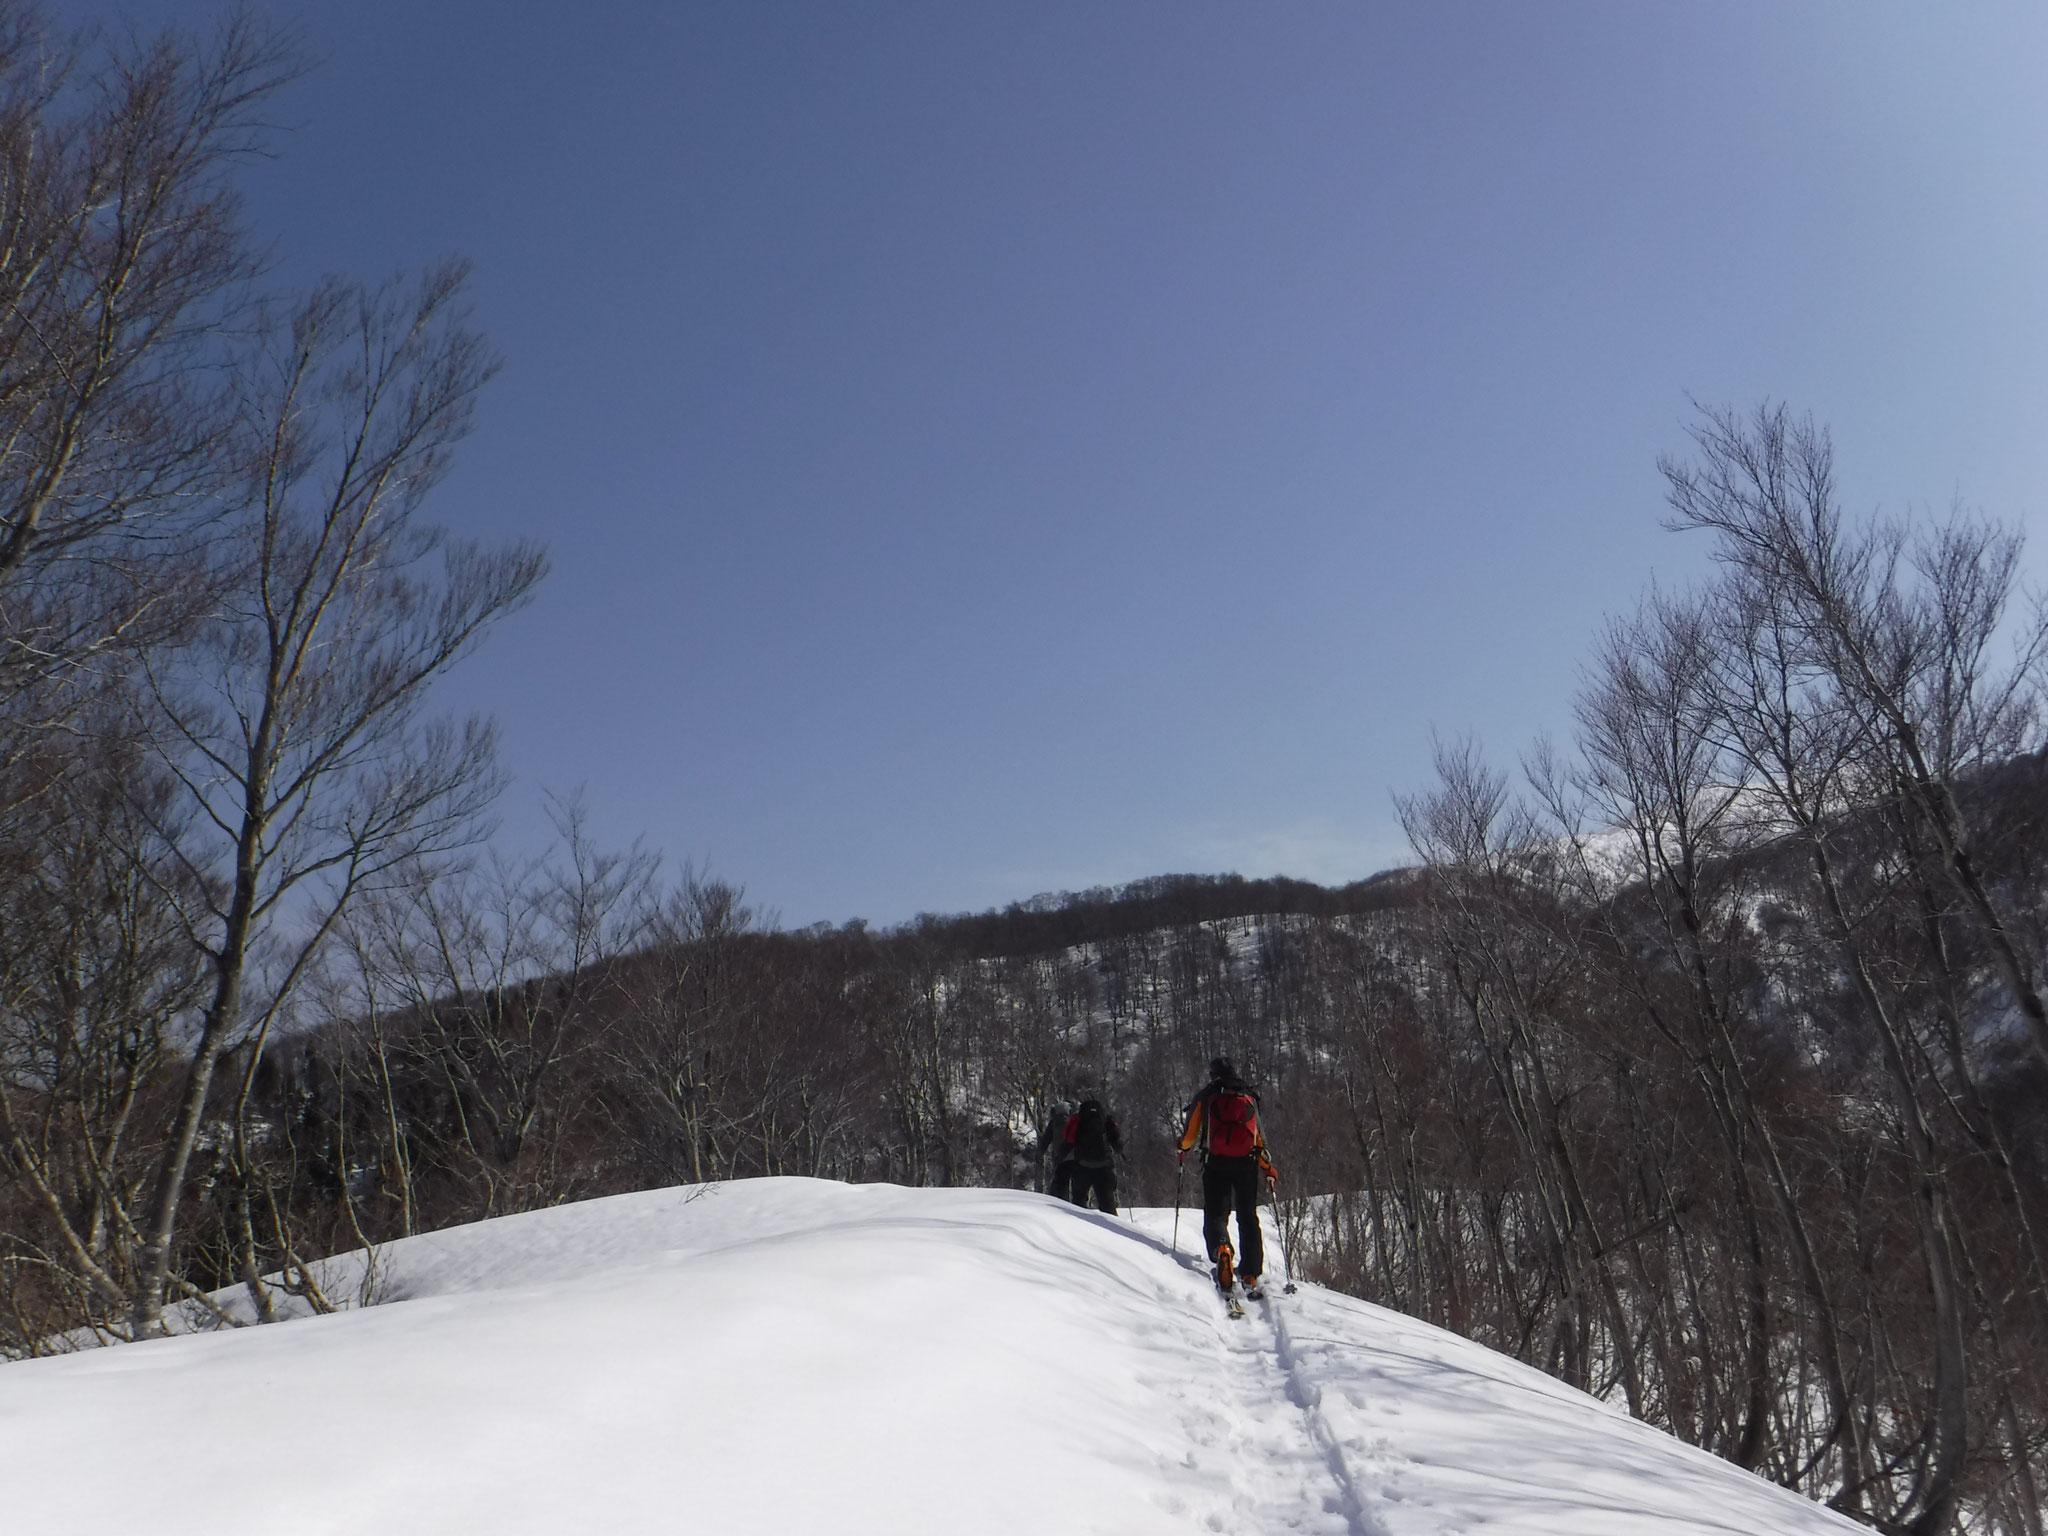 9:10 長峰(705m)付近からすっきりとしたルートになる